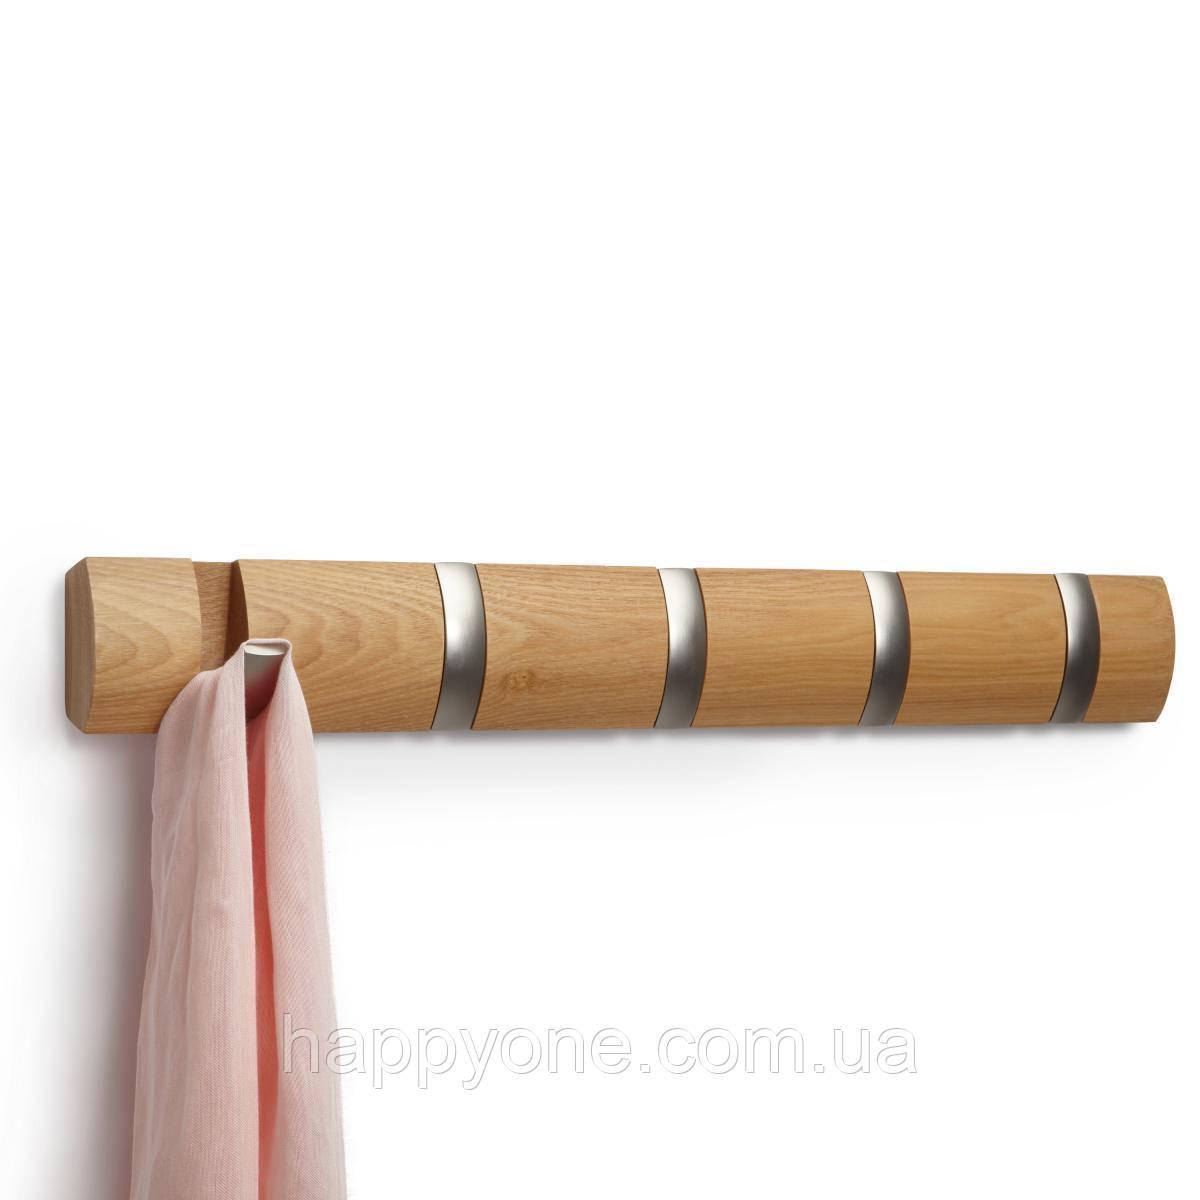 Настенная вешалка для одежды Umbra 5 Flip (светлое дерево)